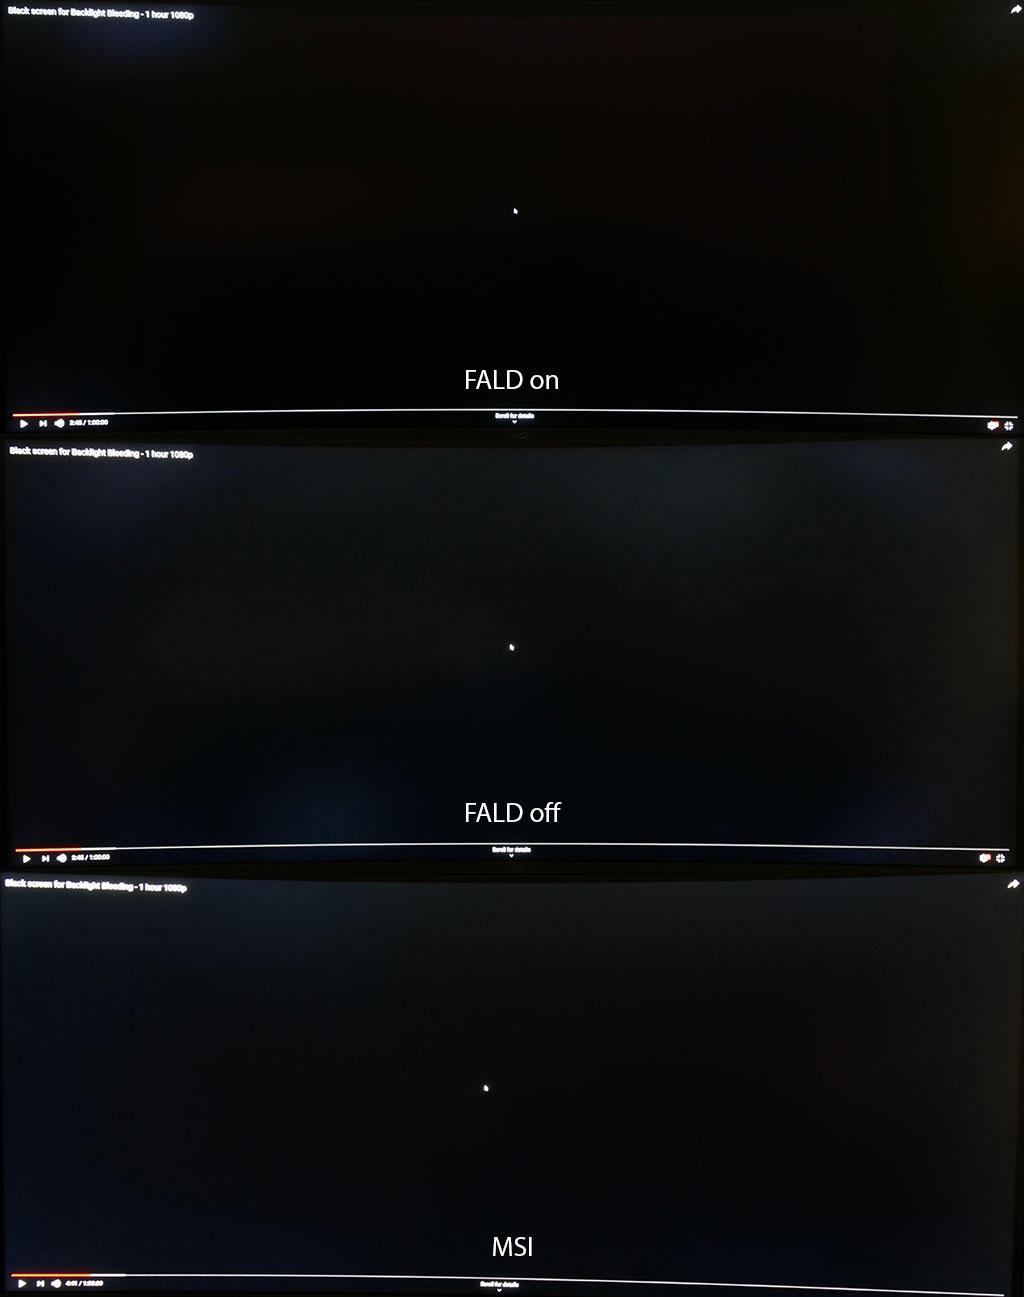 Asus-MSi-FALD.jpg